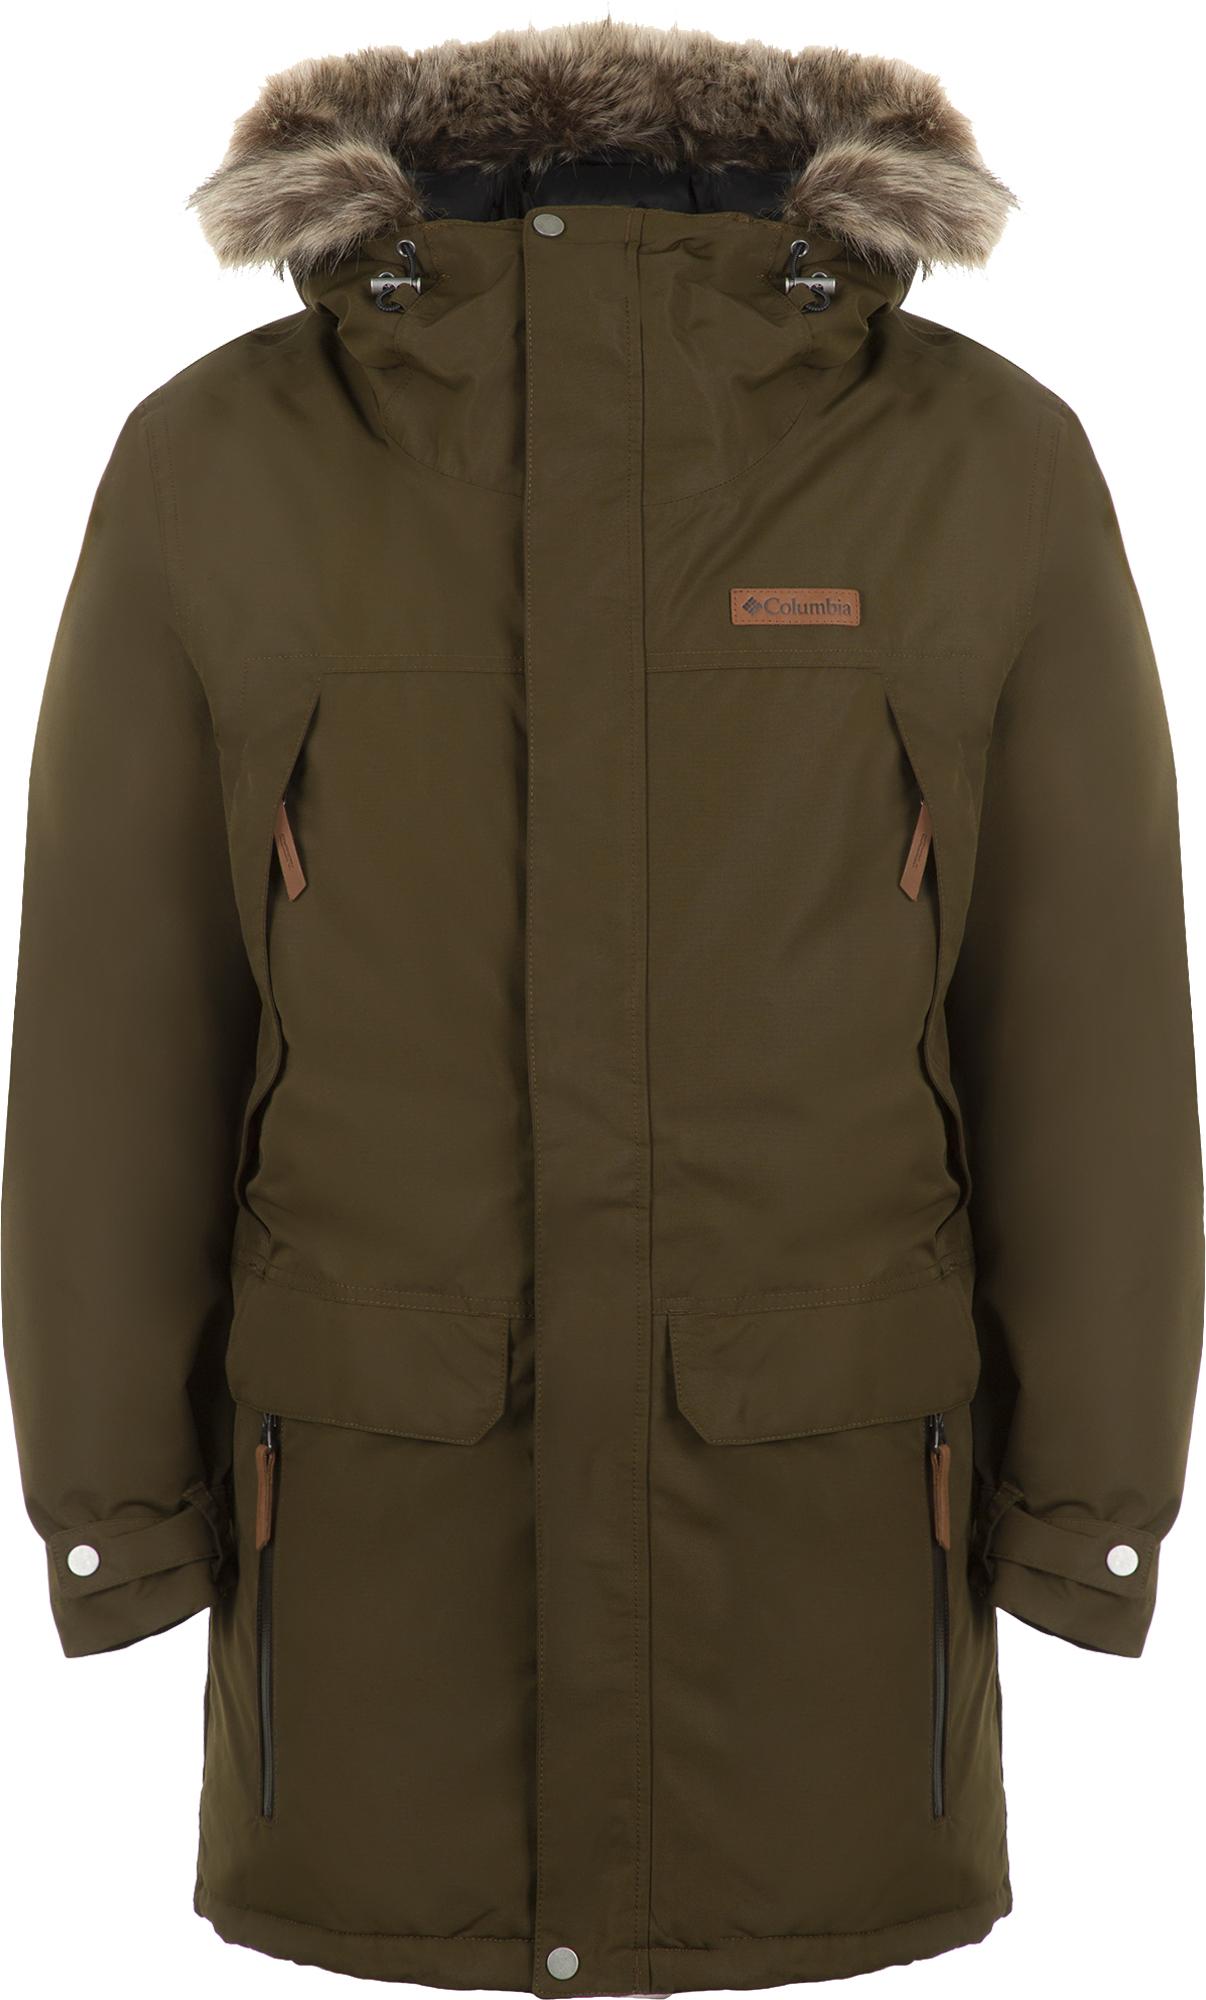 Columbia Куртка пуховая мужская South Canyon, размер 54